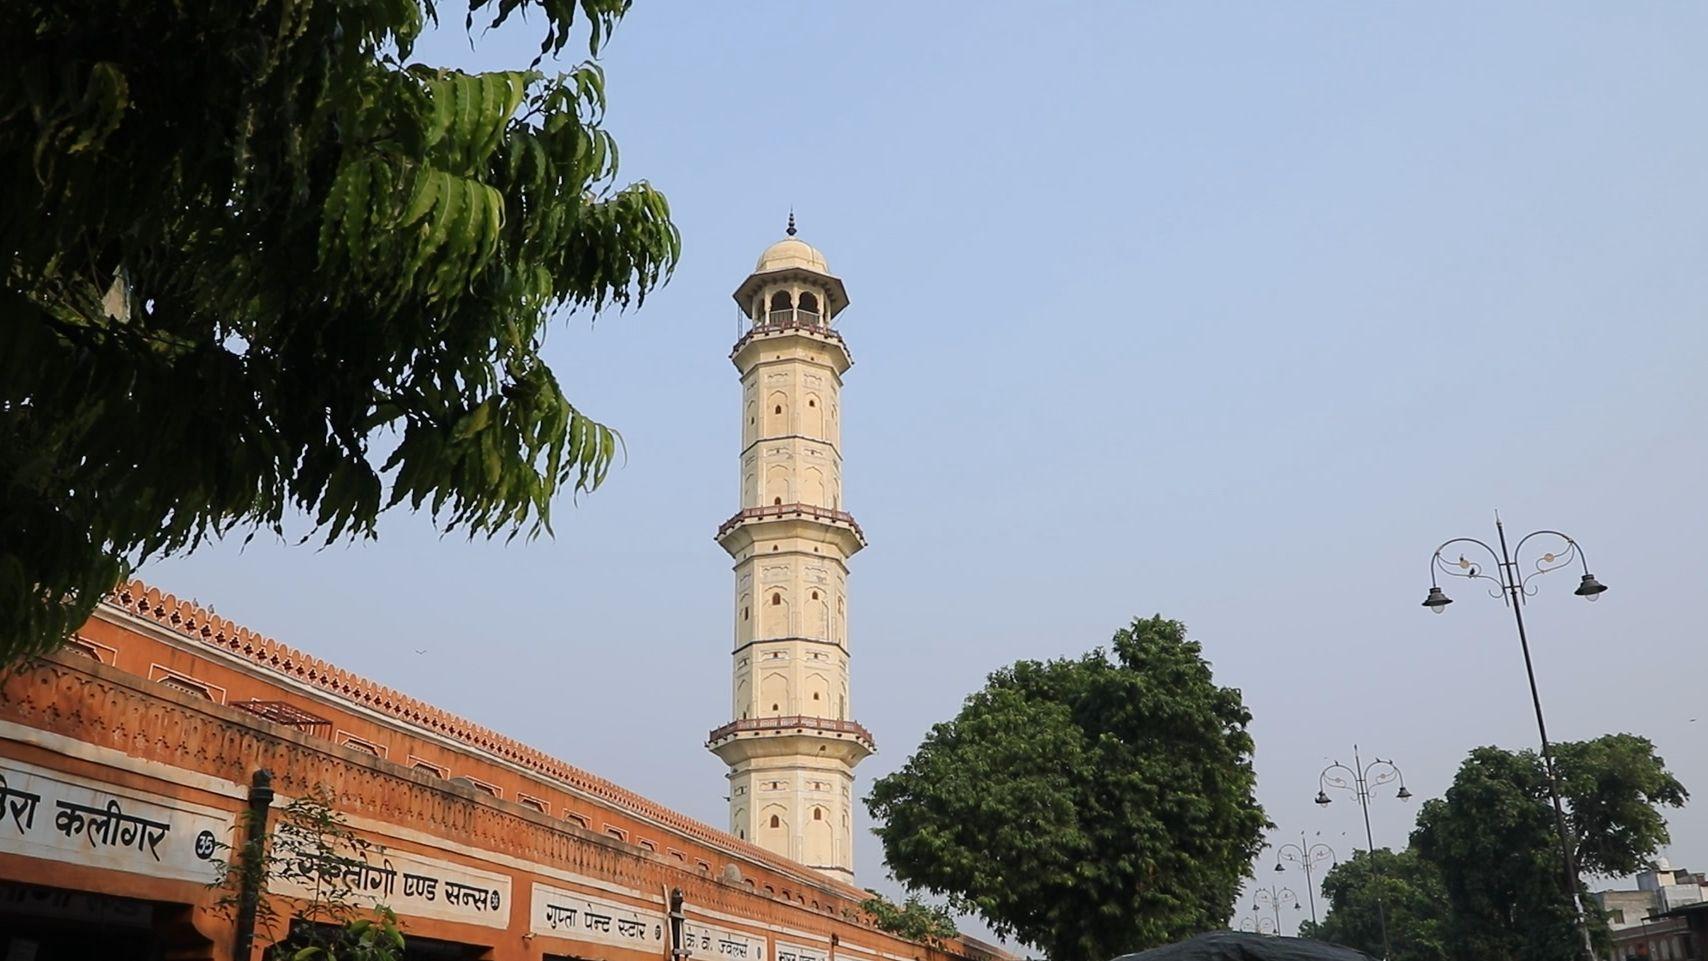 ईसरलाट: जयपुर की विजय मीनार